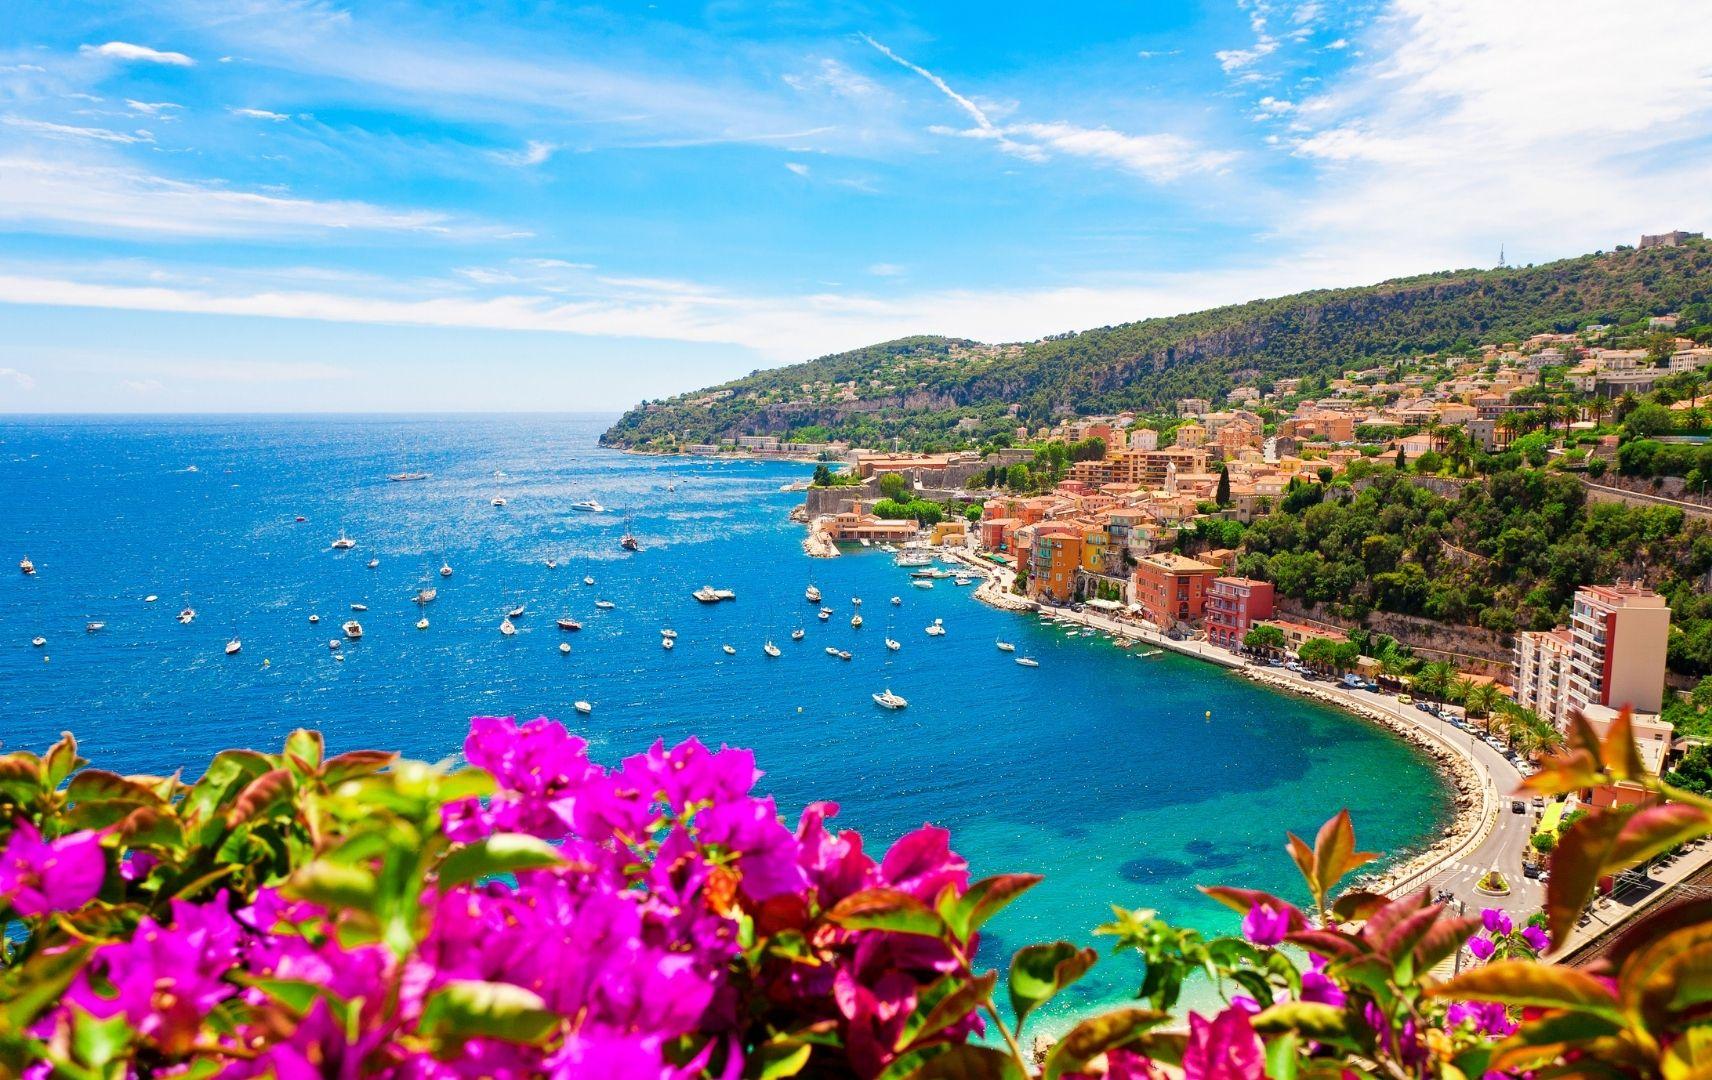 Frankreich - Côte d'Azur Meer